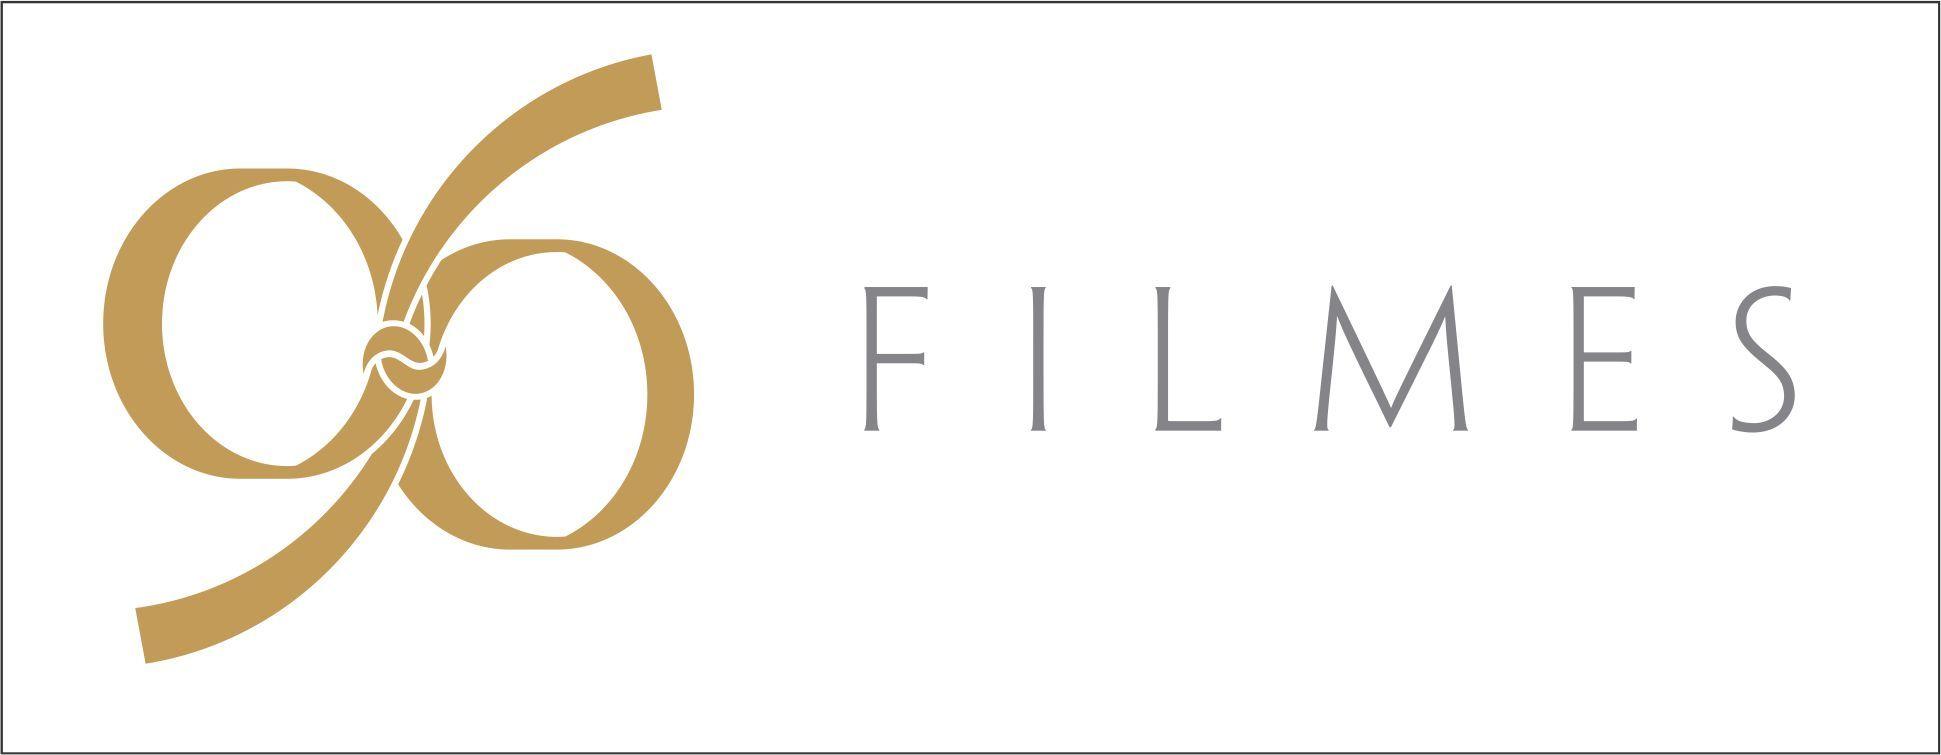 Contate 96 Filmes